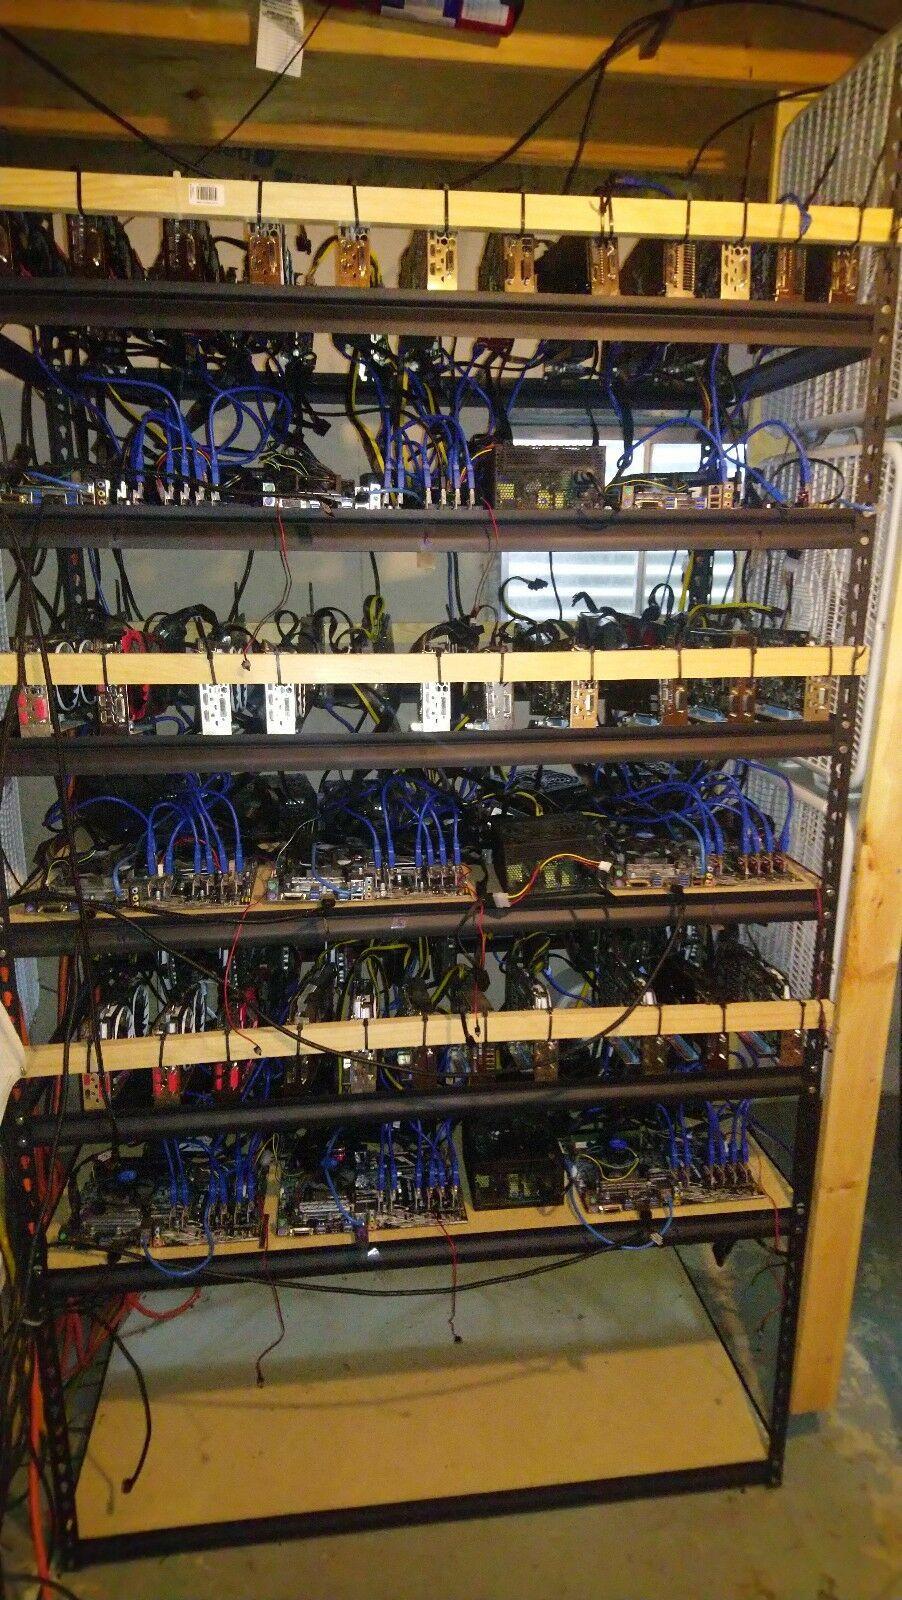 63 Gpu 9 Rig Amd Cryptocurrency Mining Farm Cryptocurrency Bitcoin Mining Rigs Bitcoin Mining Software